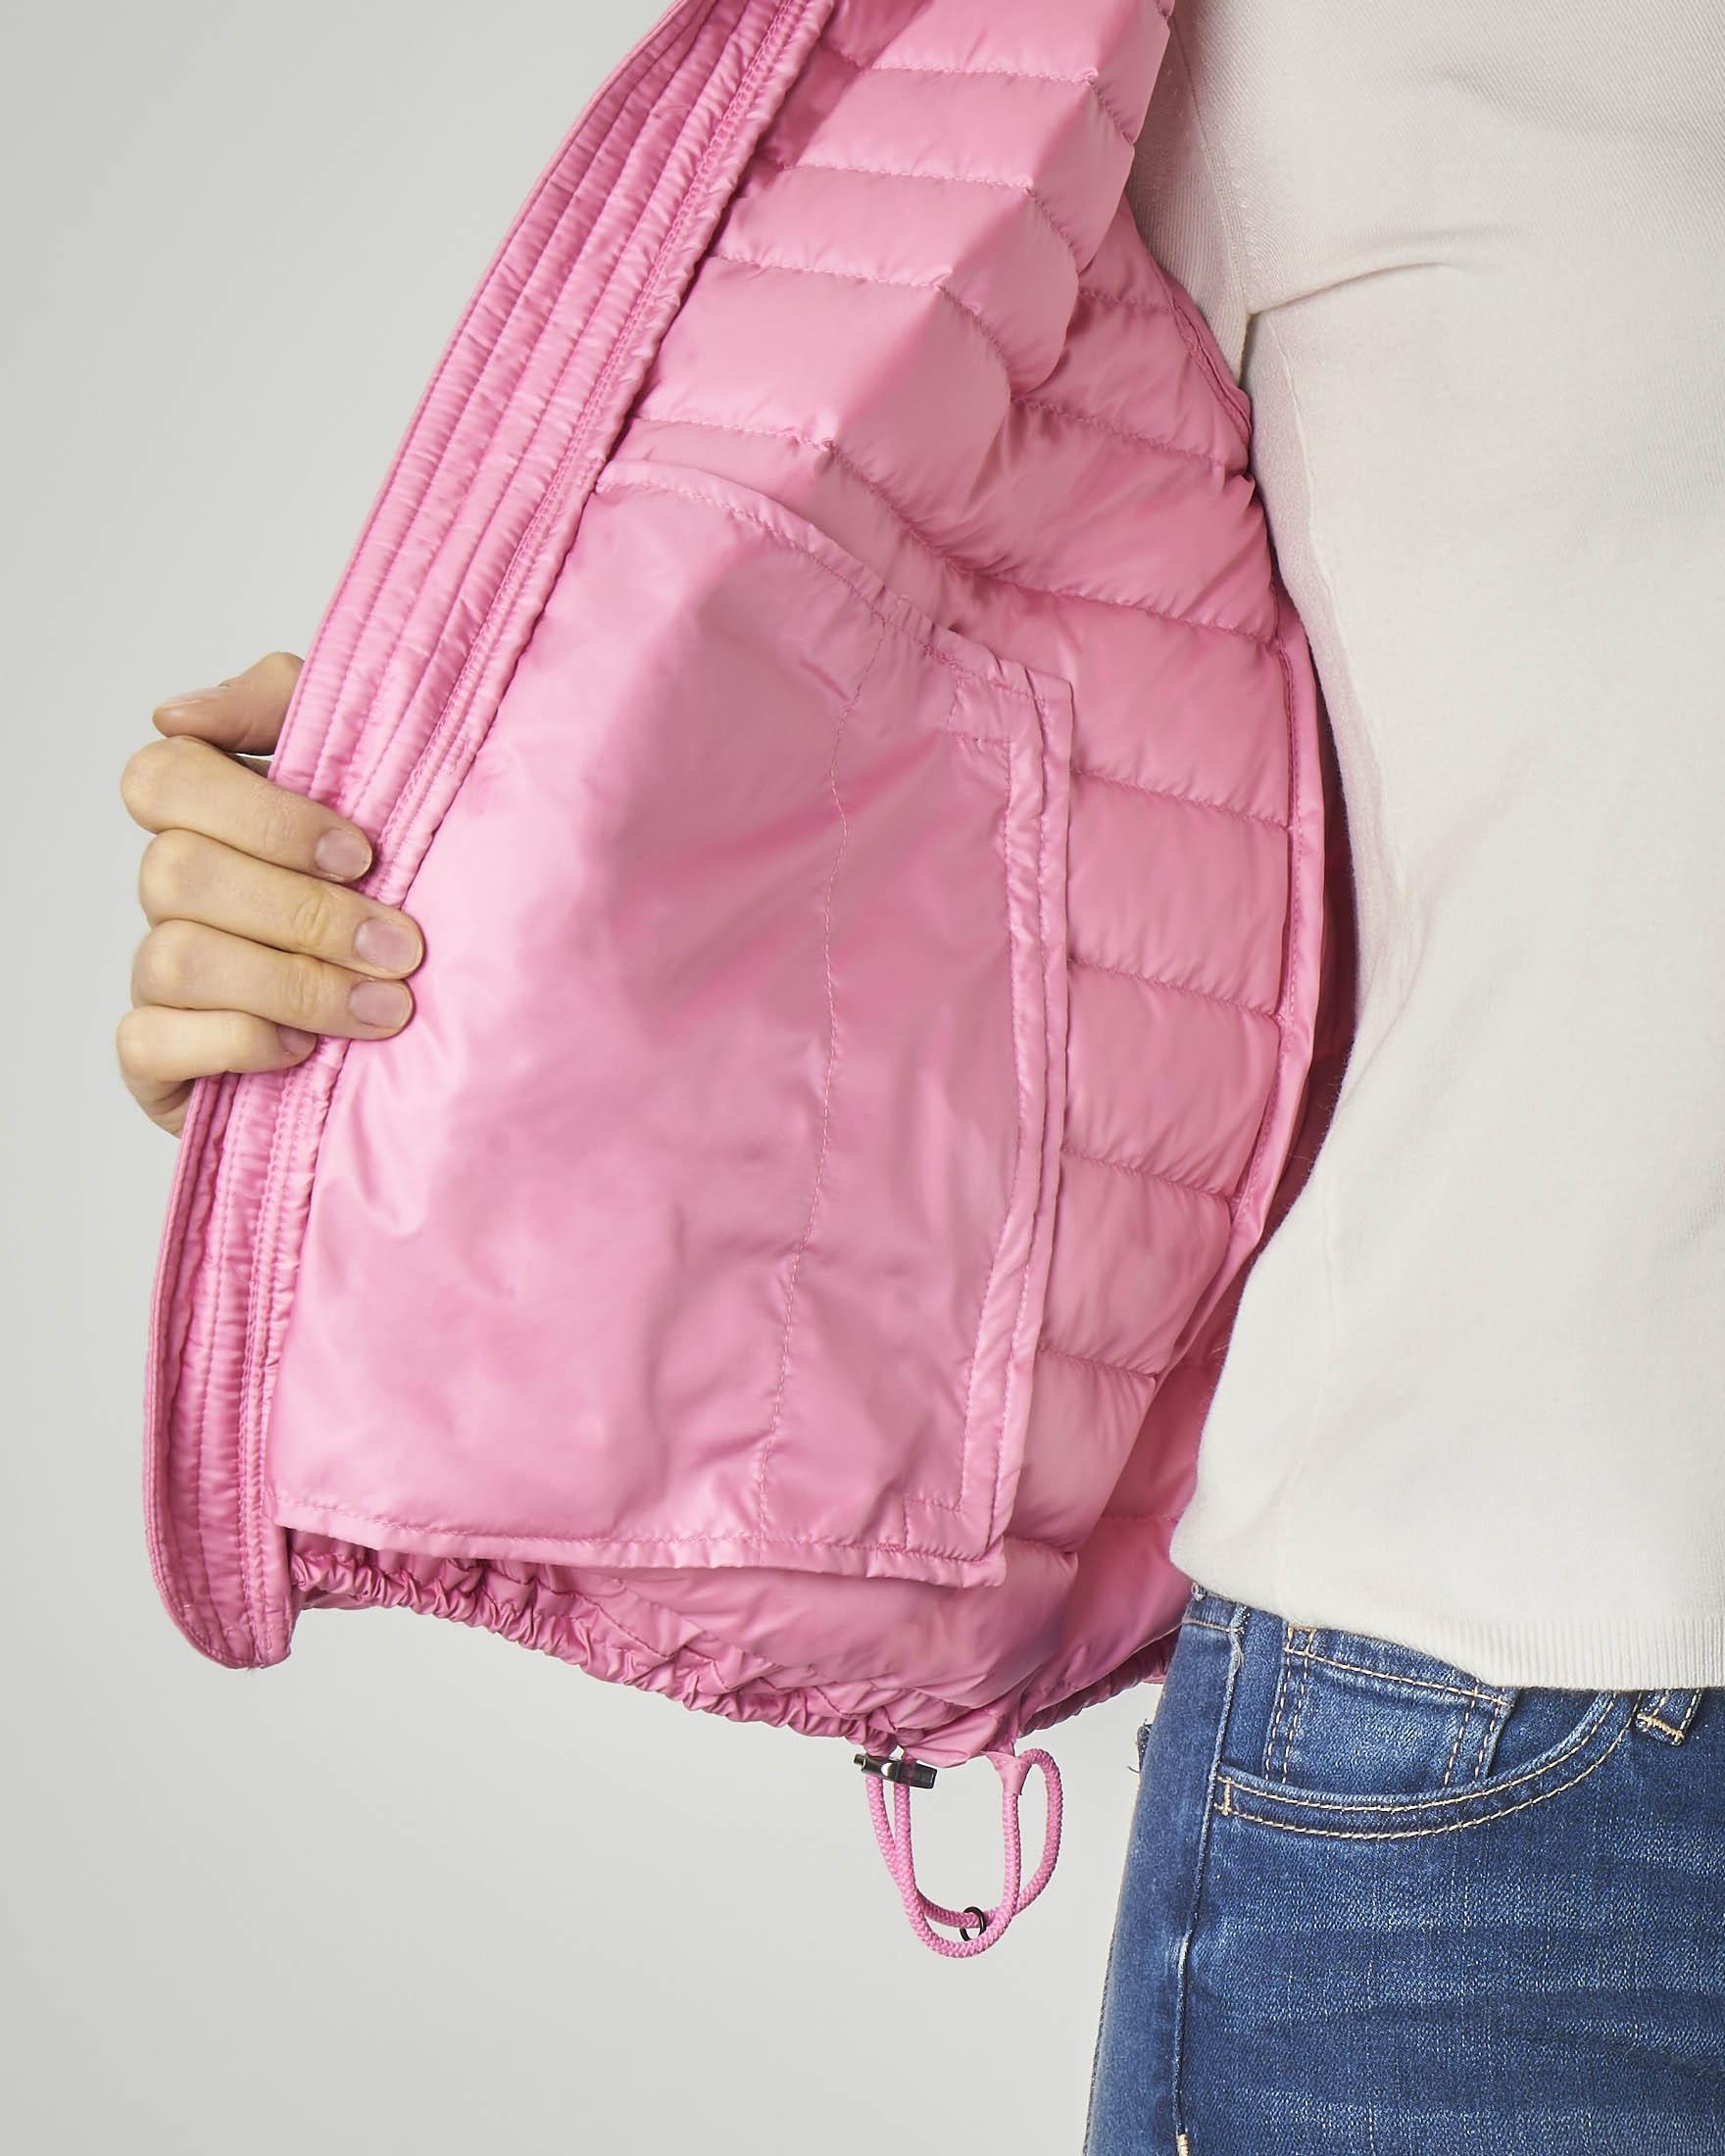 Giacca rosa imbottita con coulisse sul fondo per linea a palloncino